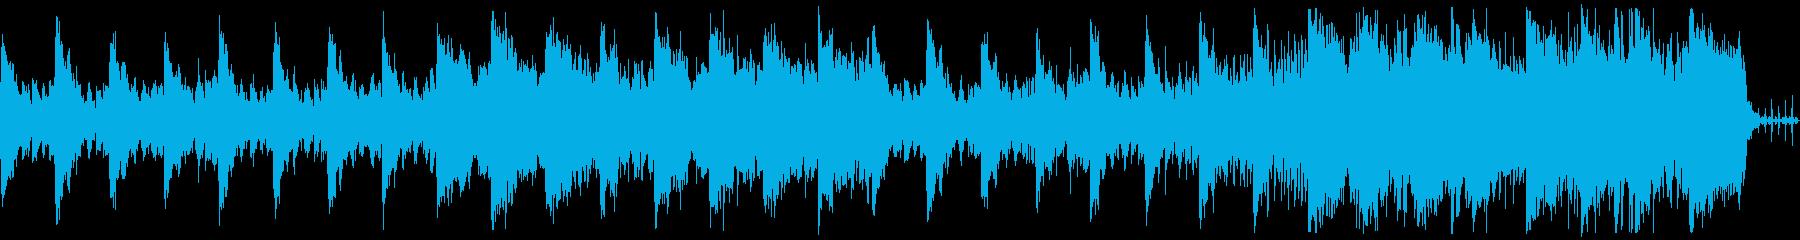 タイトル画面や回想シーン向けなBGMの再生済みの波形